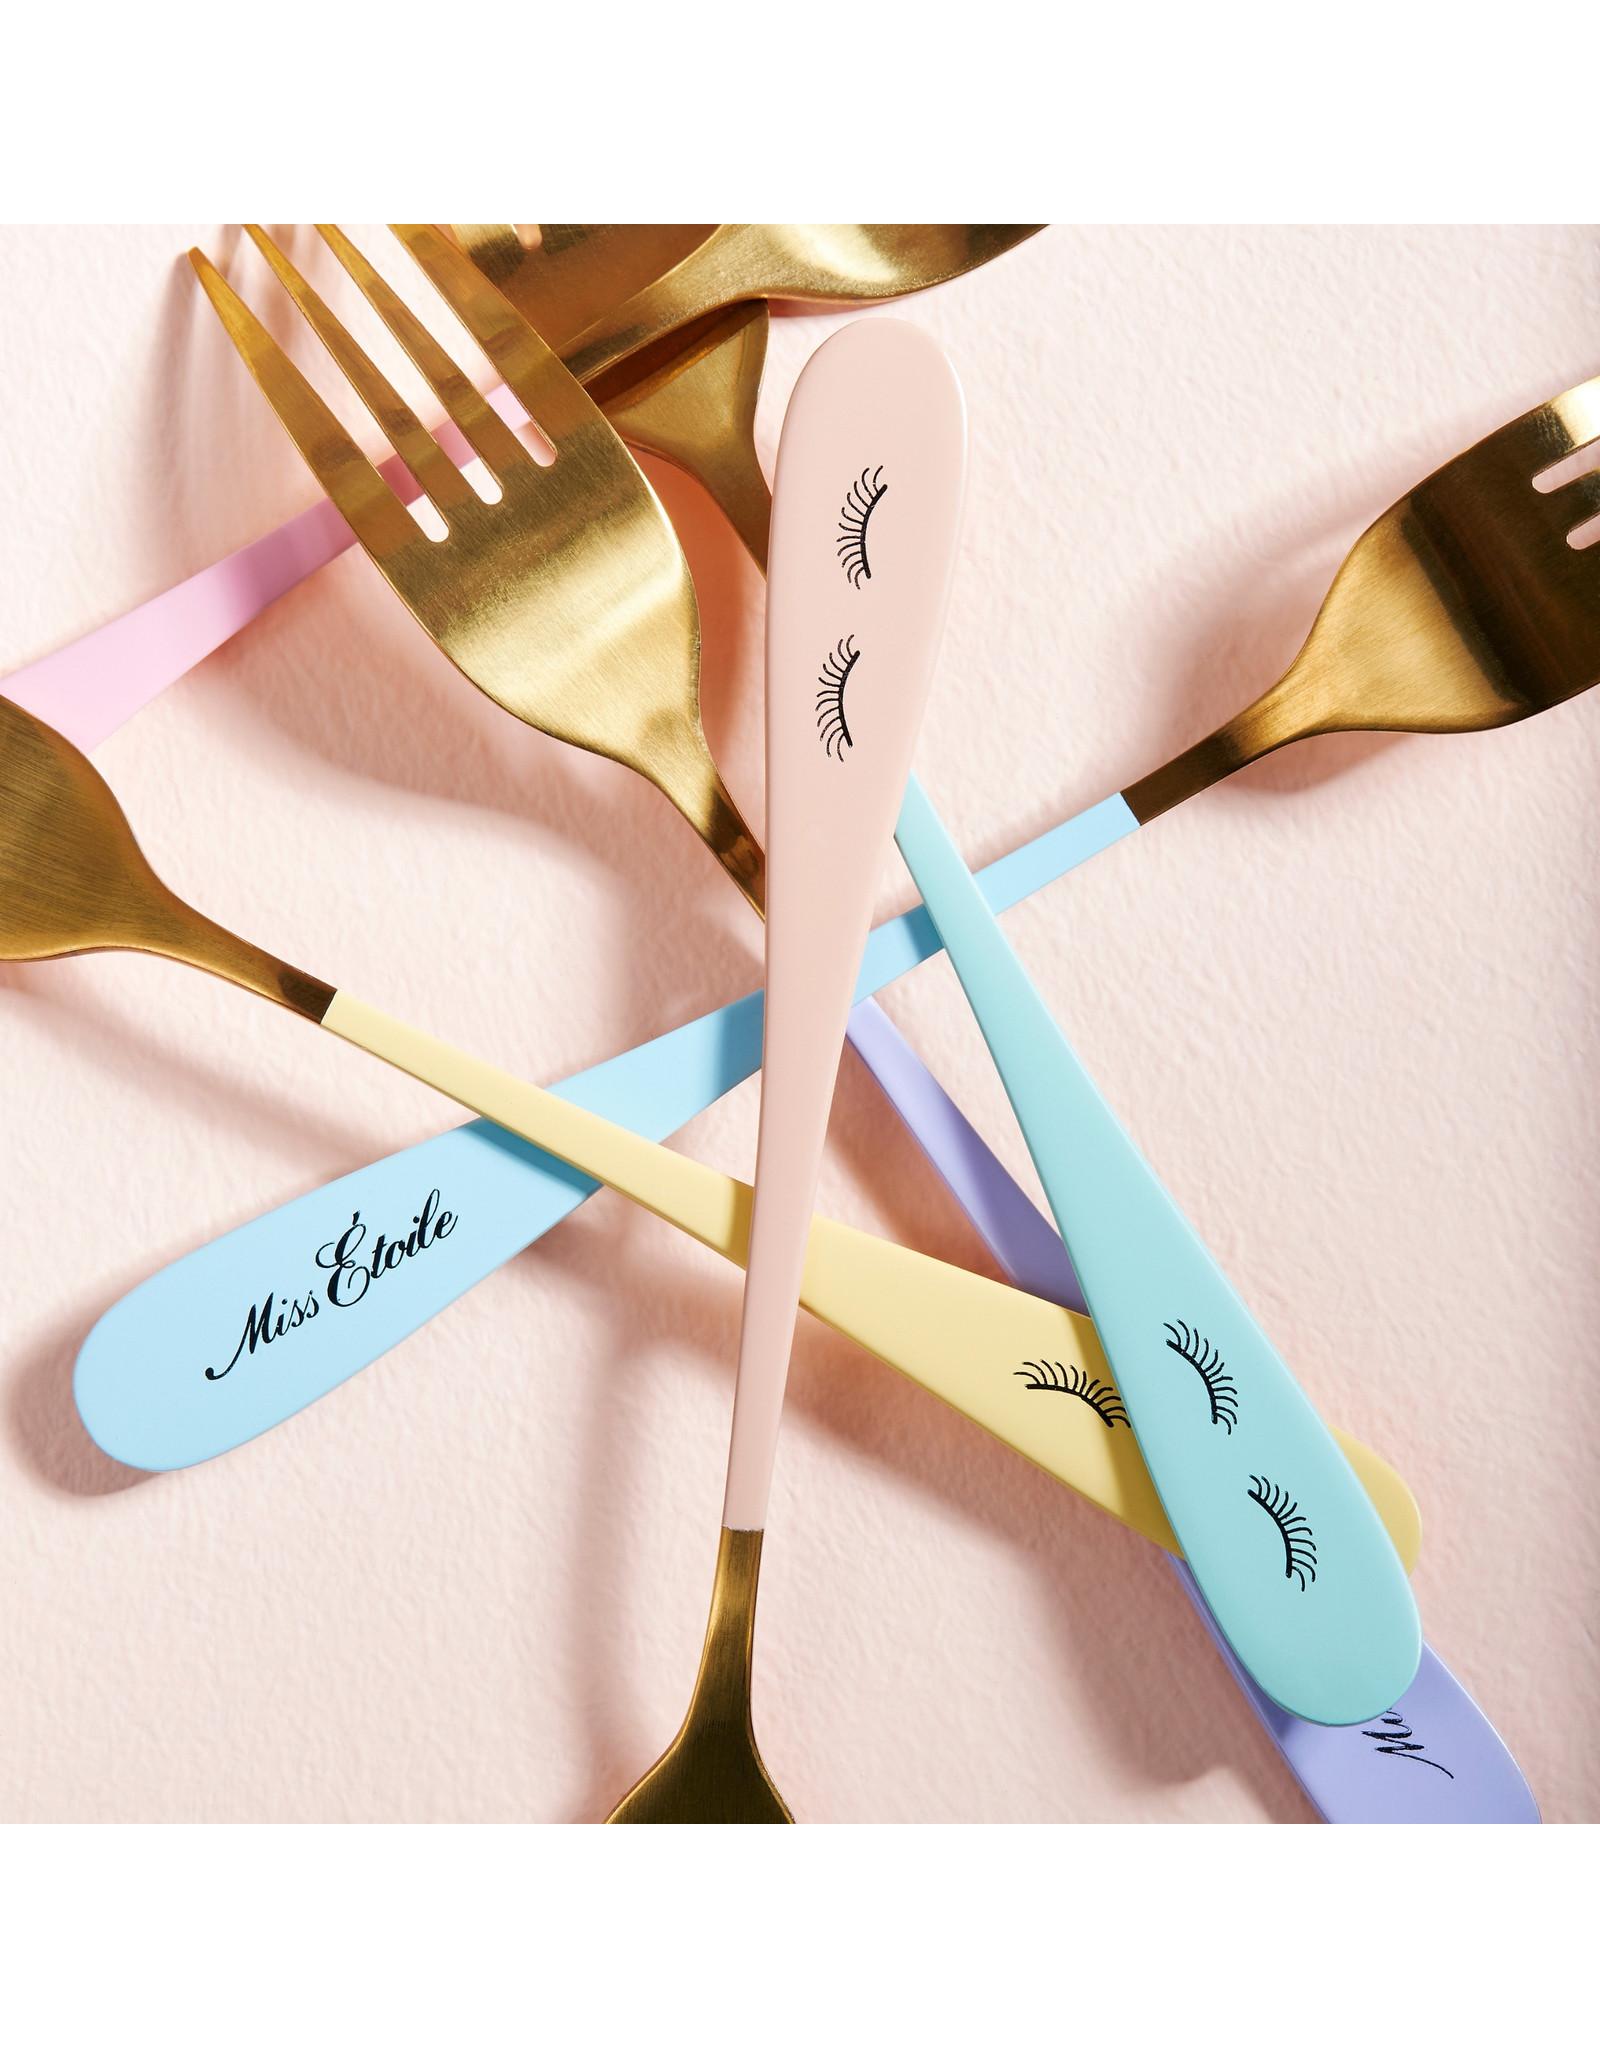 Miss Etoile Set Vorken- Pastel Gold